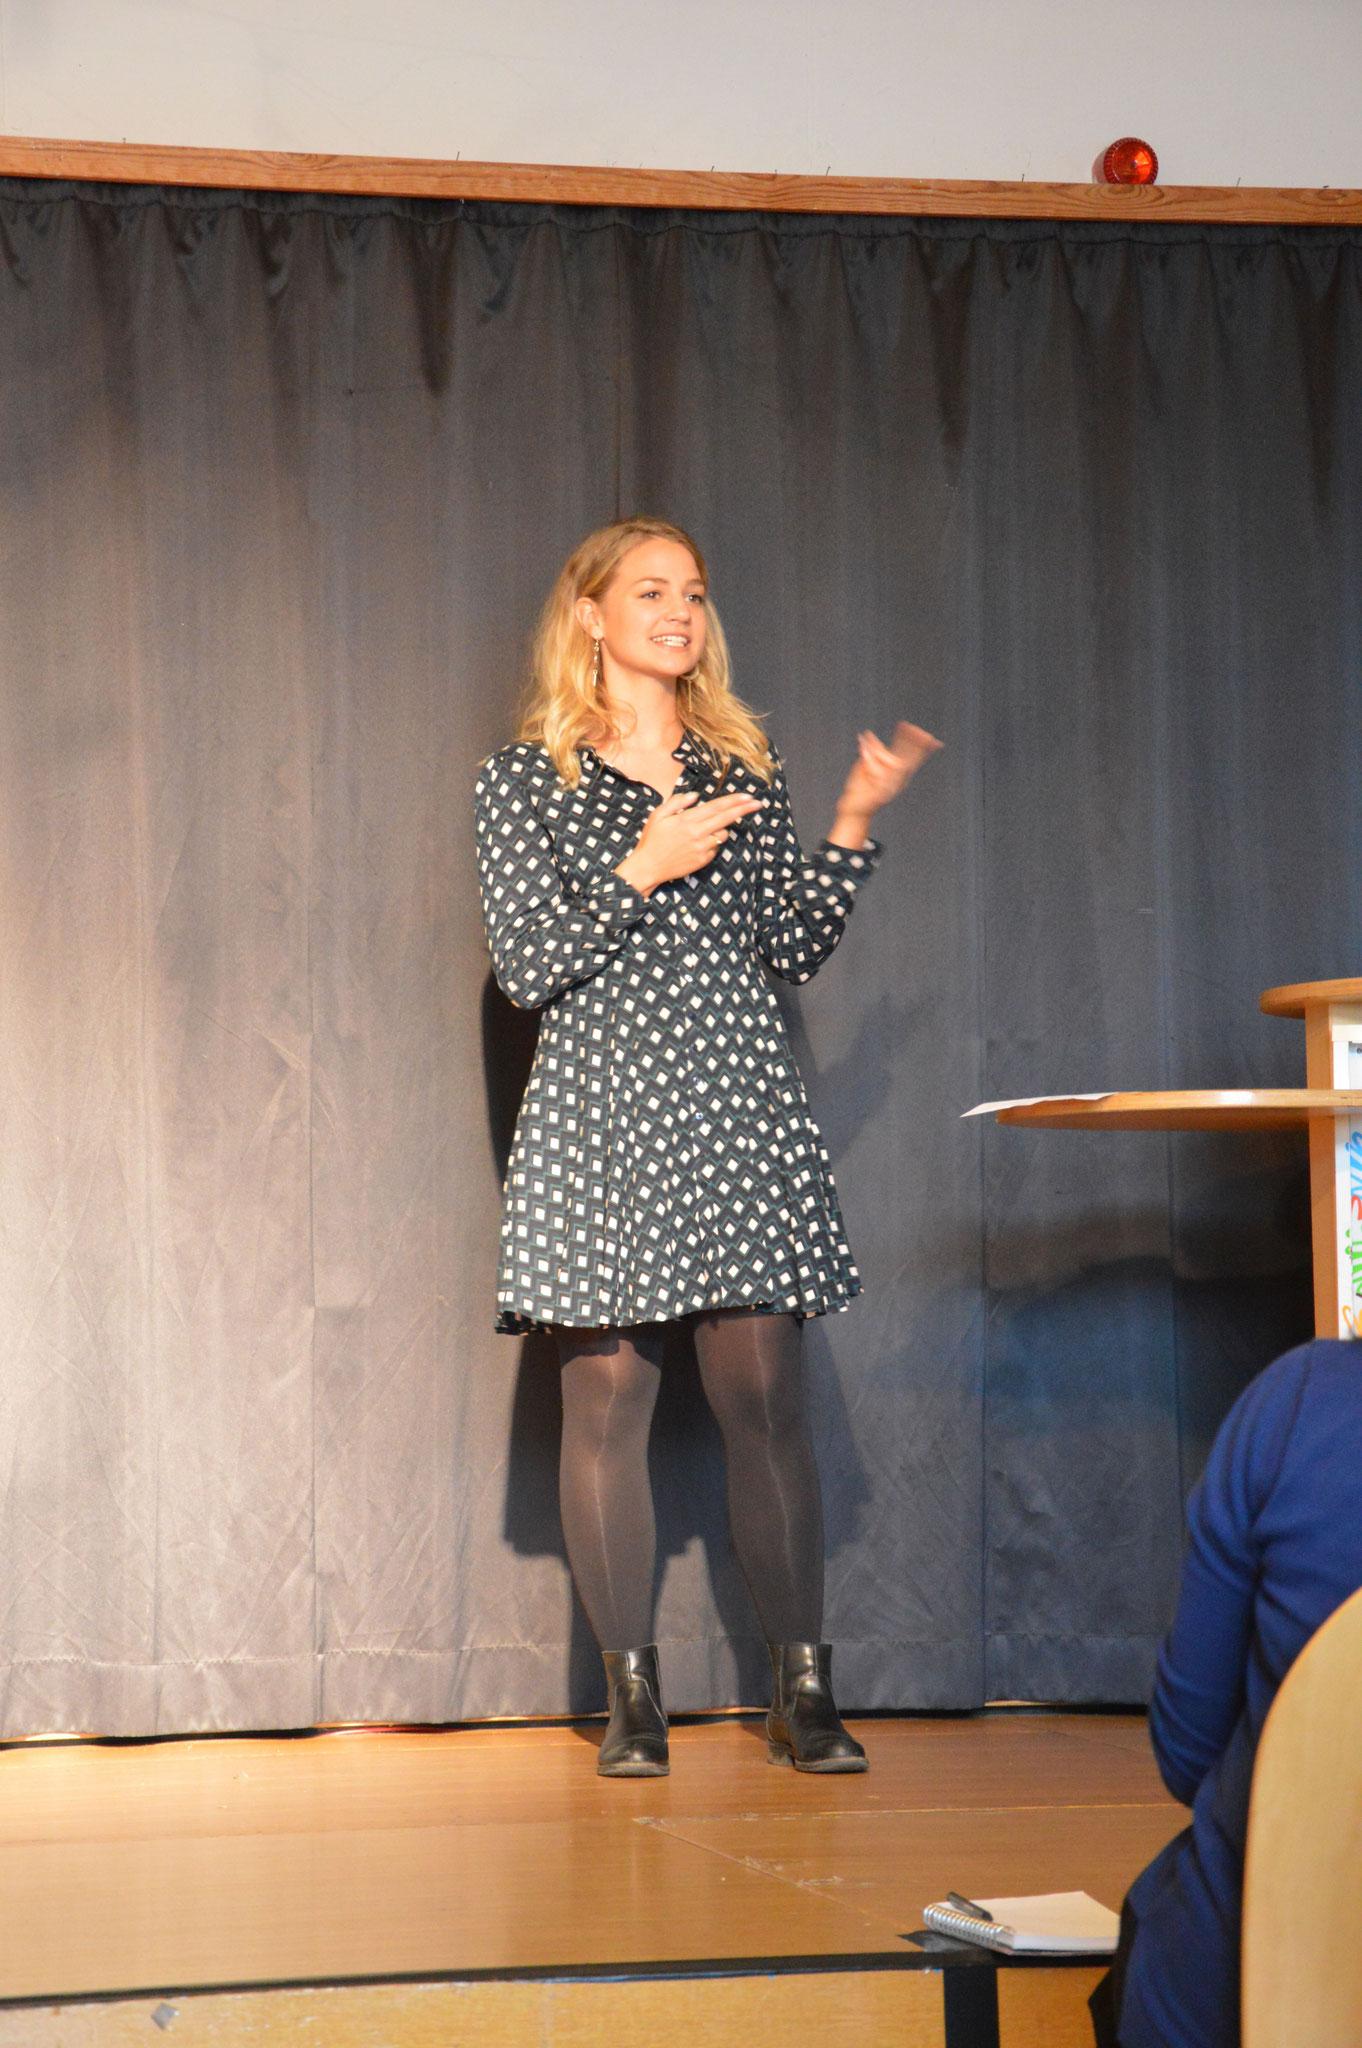 Moderatorin Laura Meinhard hat uns fehlerfrei durch die Veranstaltung geführt